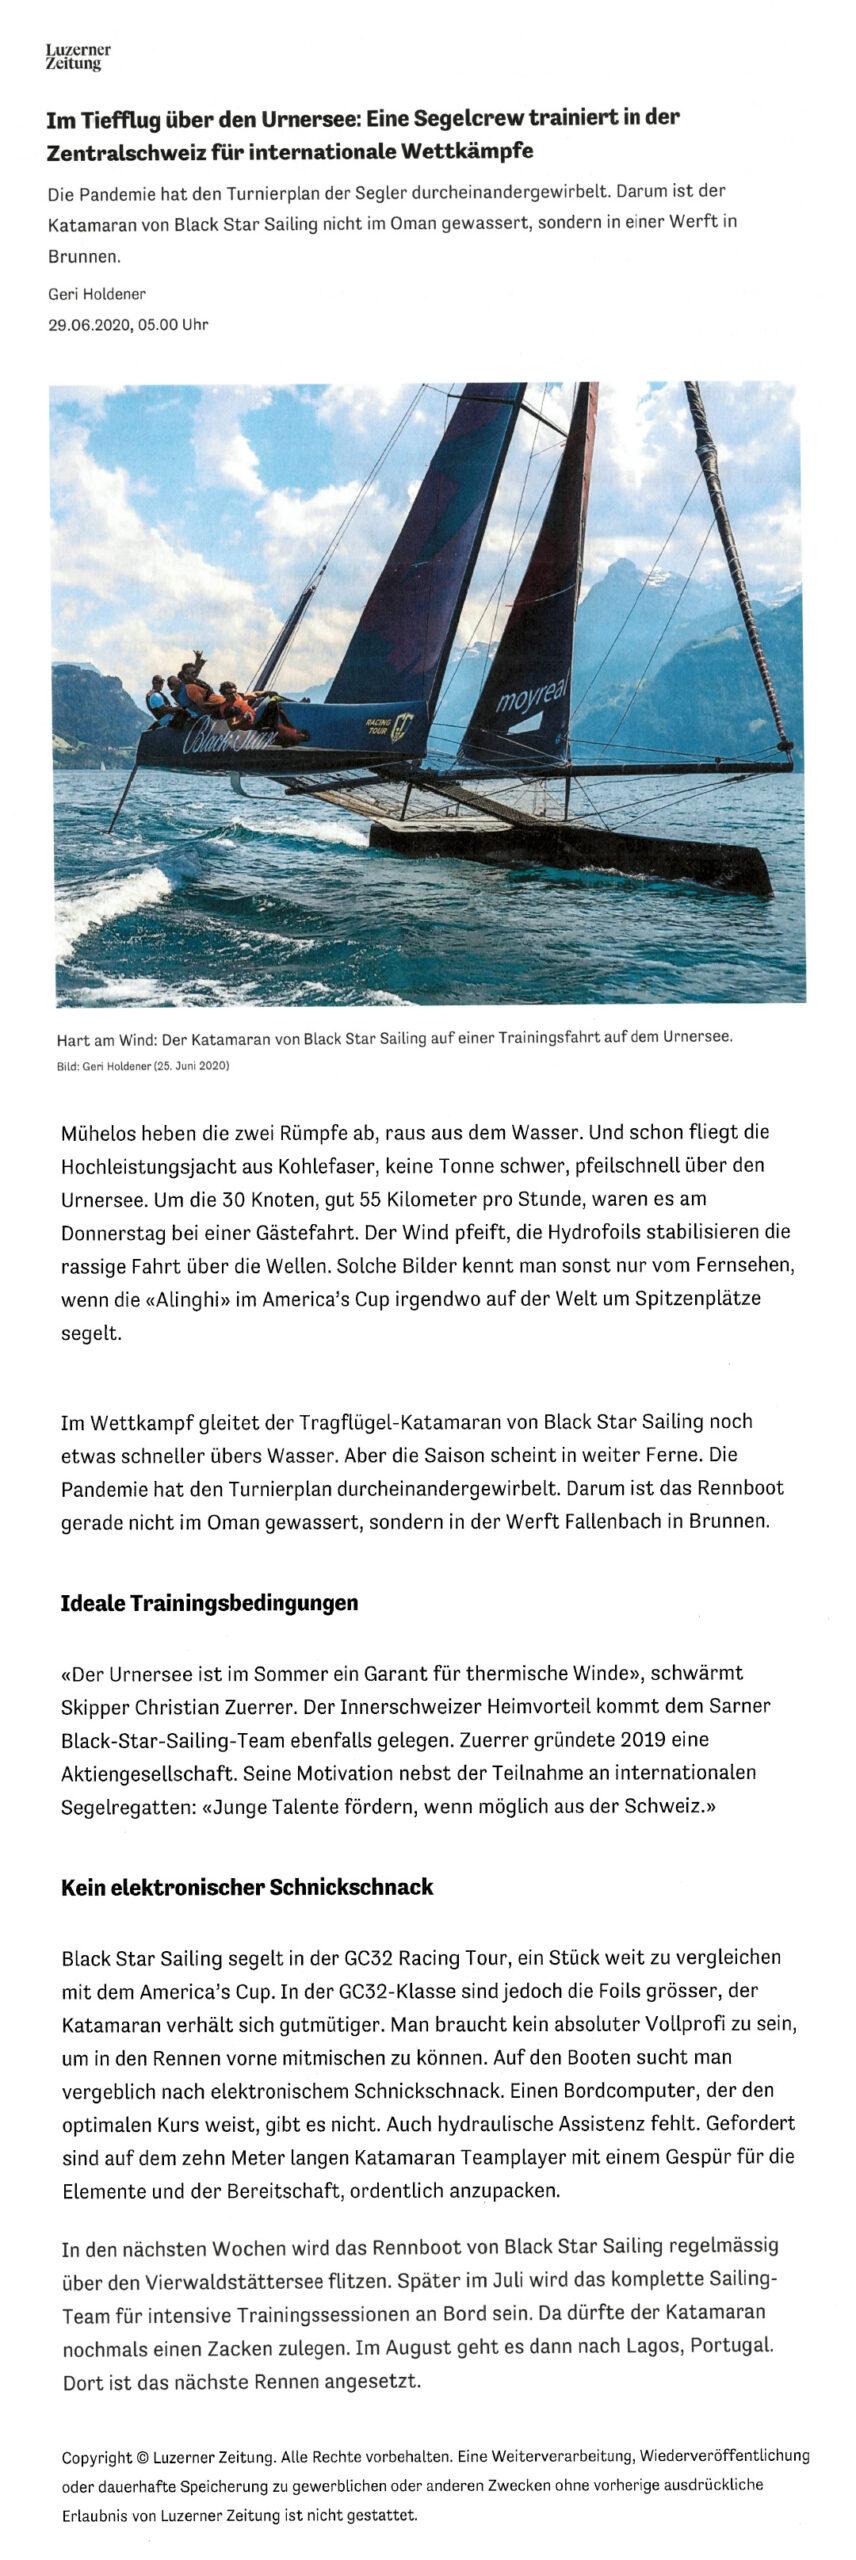 2020-06-29 Luzerner Zeitung ONLINE